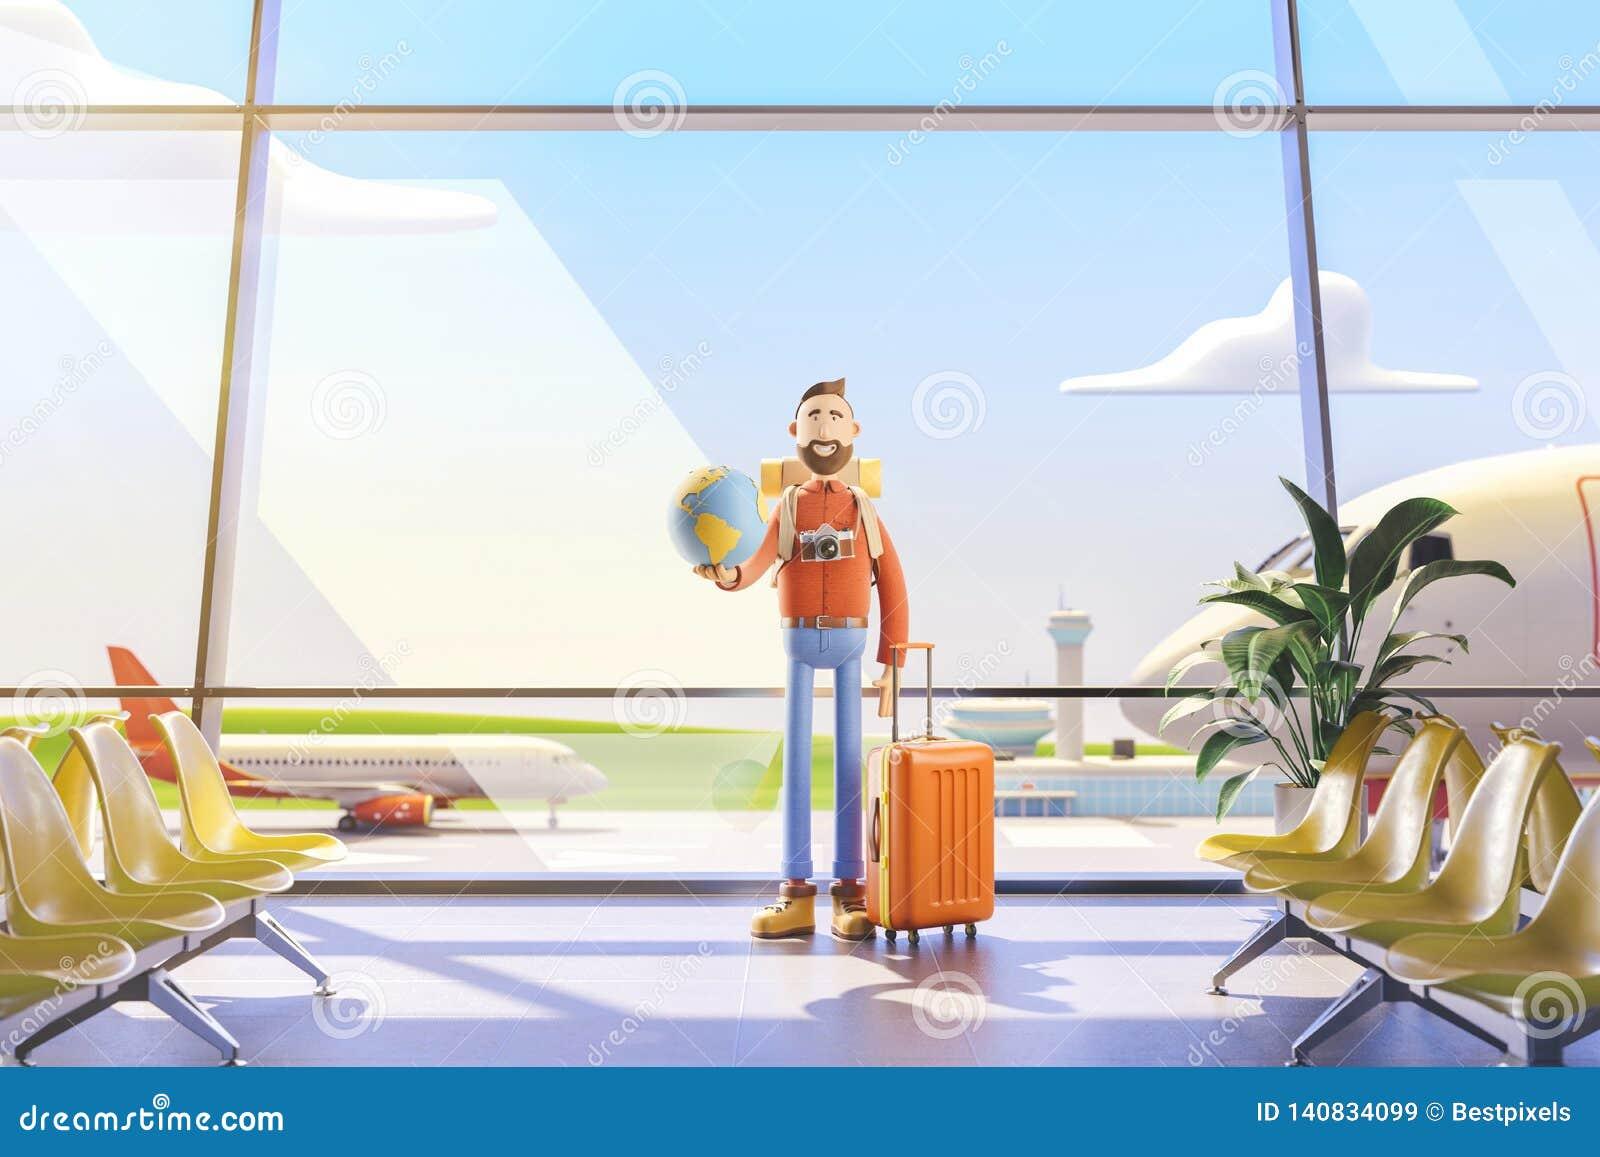 Postać z kreskówki turysta utrzymuje całego świat na palmie w lotnisku ilustracja 3 d Światowy podróży pojęcie